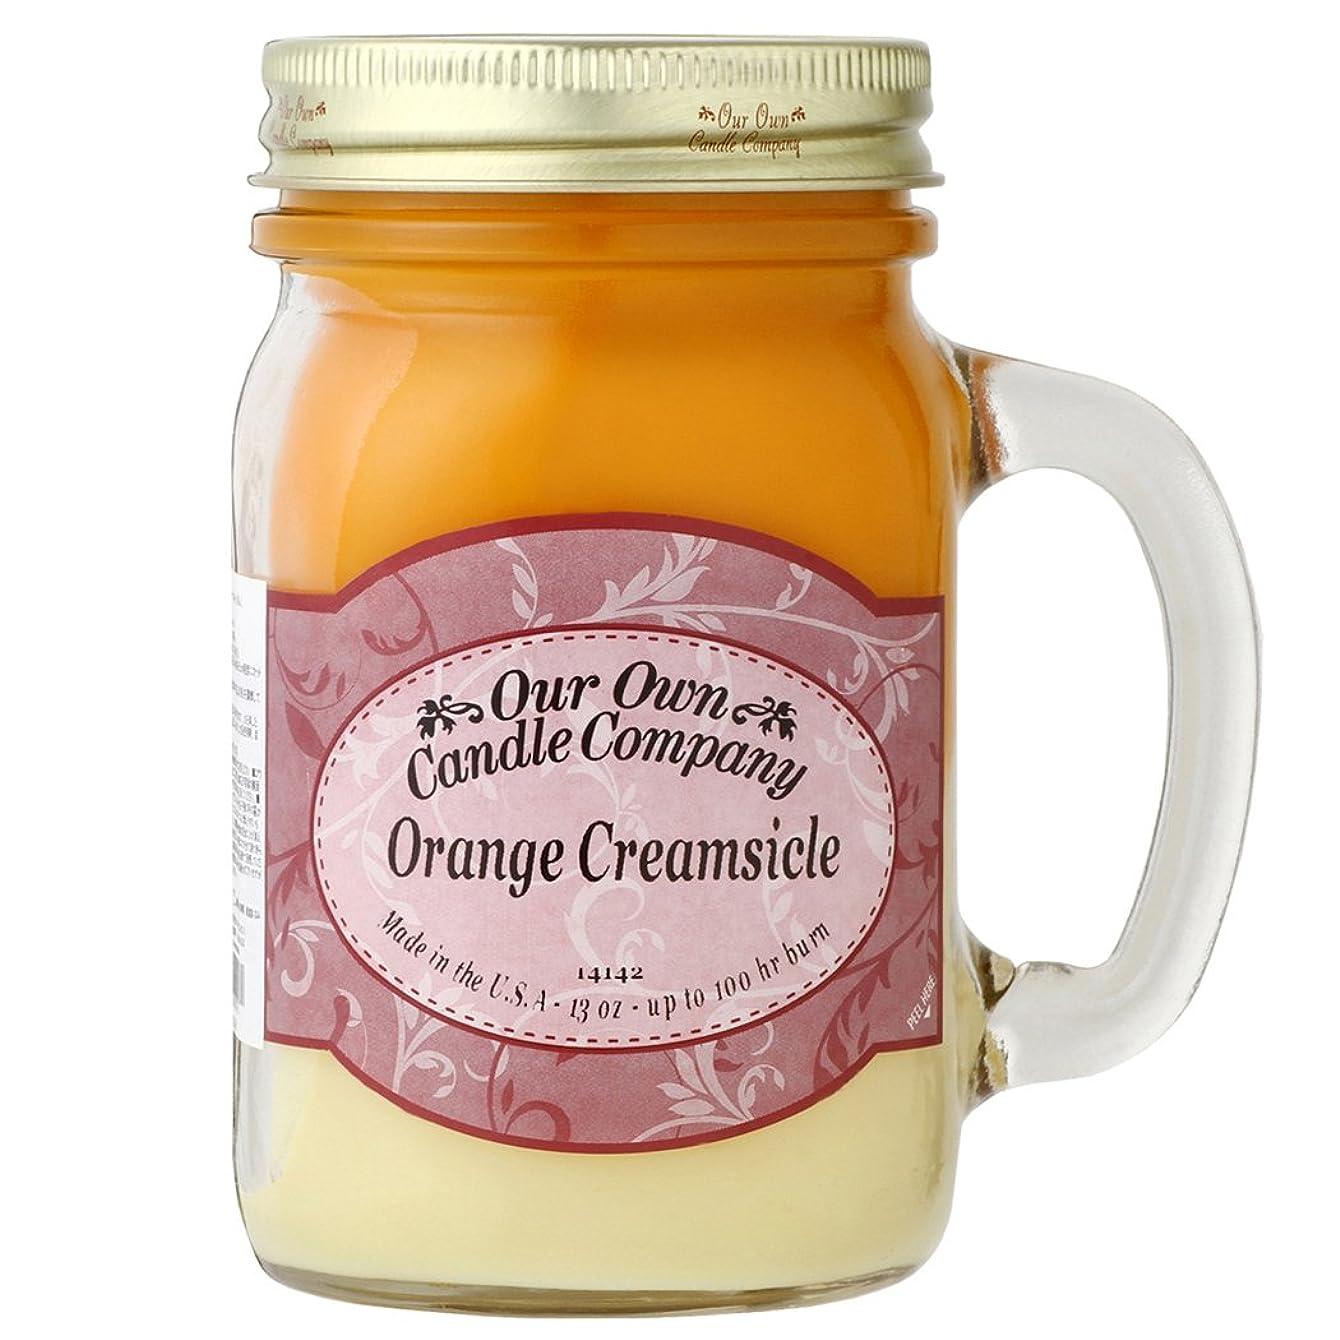 侵入する兄弟愛教育するOur Own Candle Company メイソンジャーキャンドル ラージサイズ オレンジクリームシルク OU100085